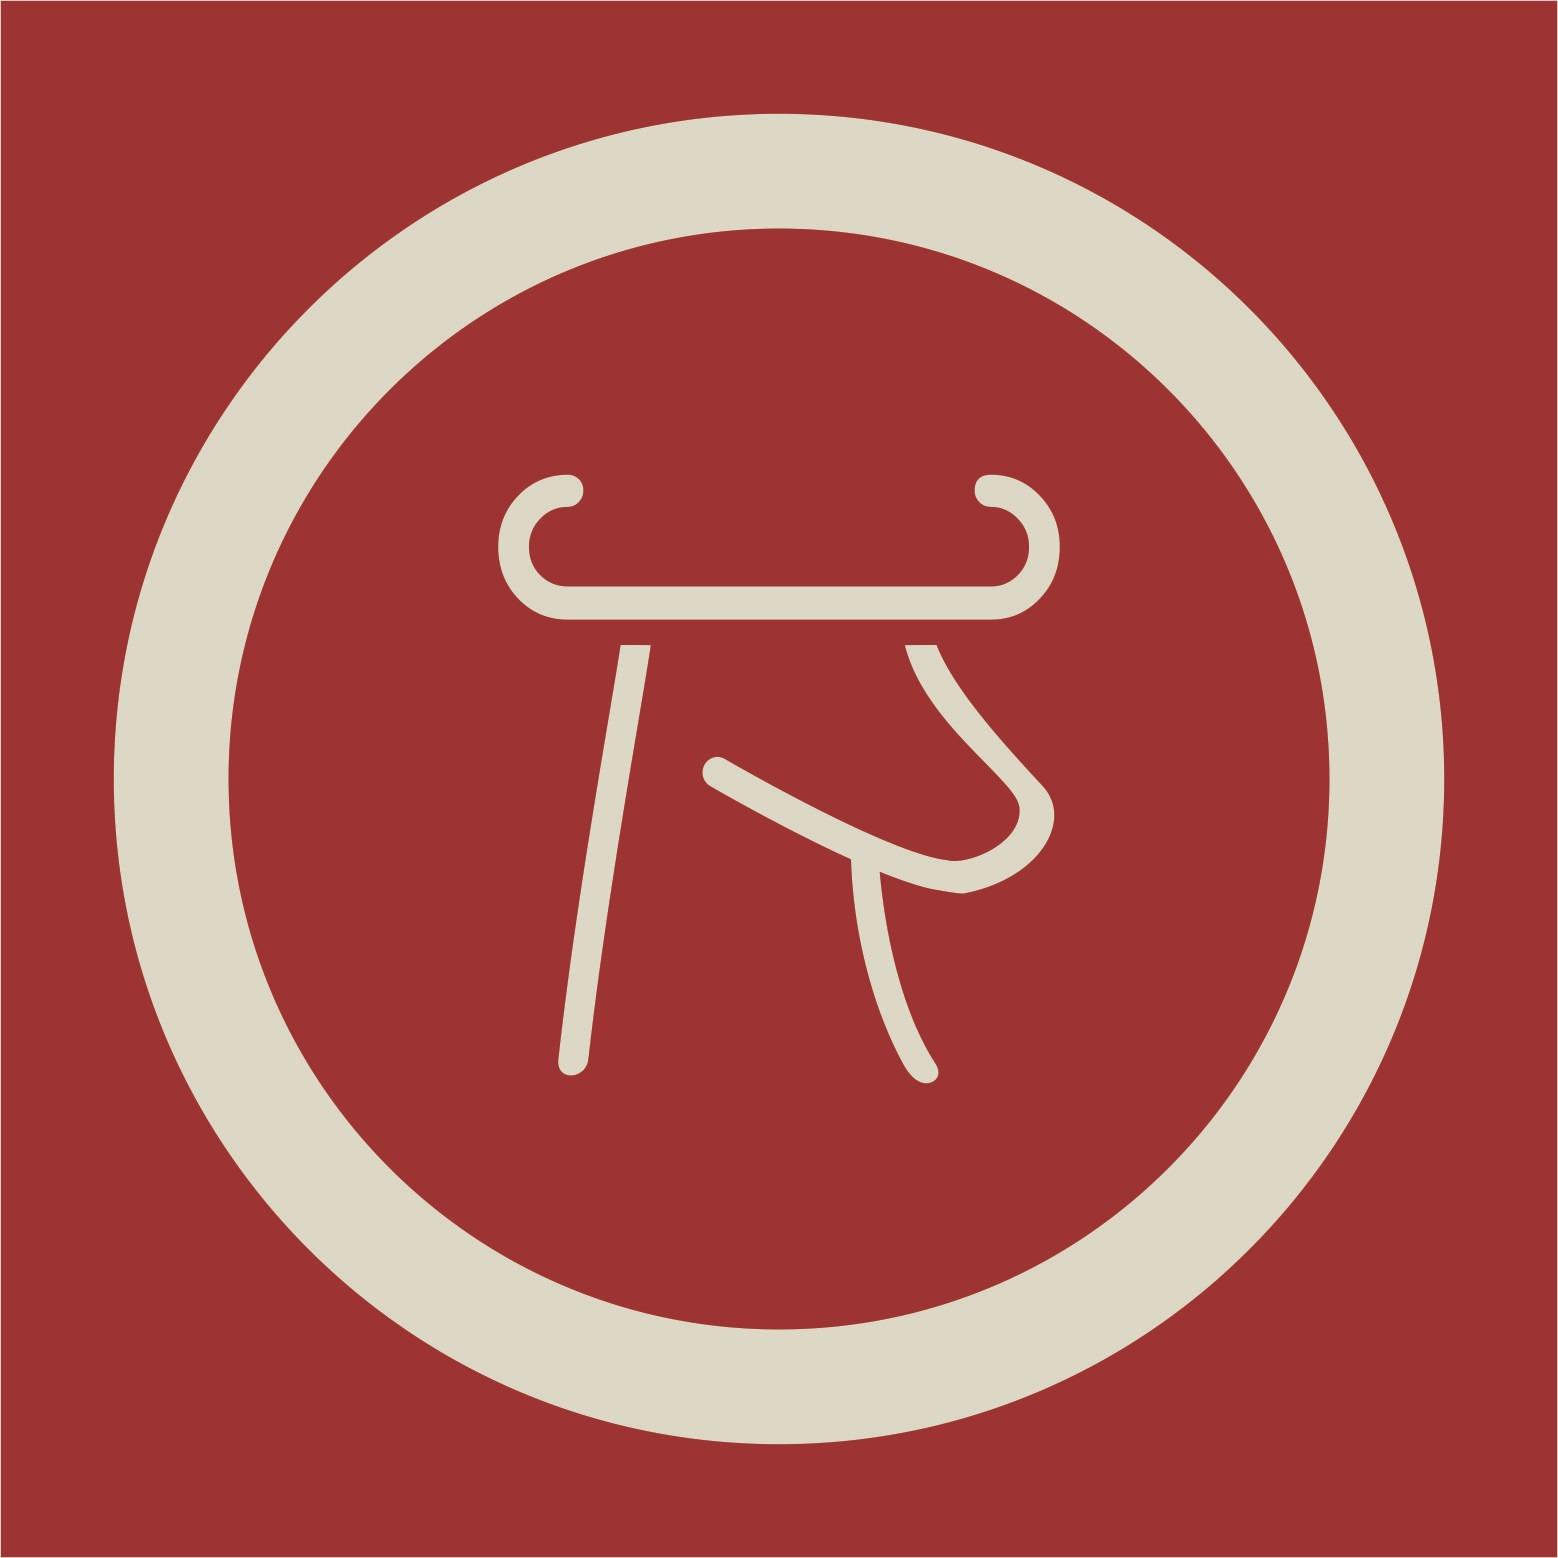 @caseratto Profile Image | Linktree